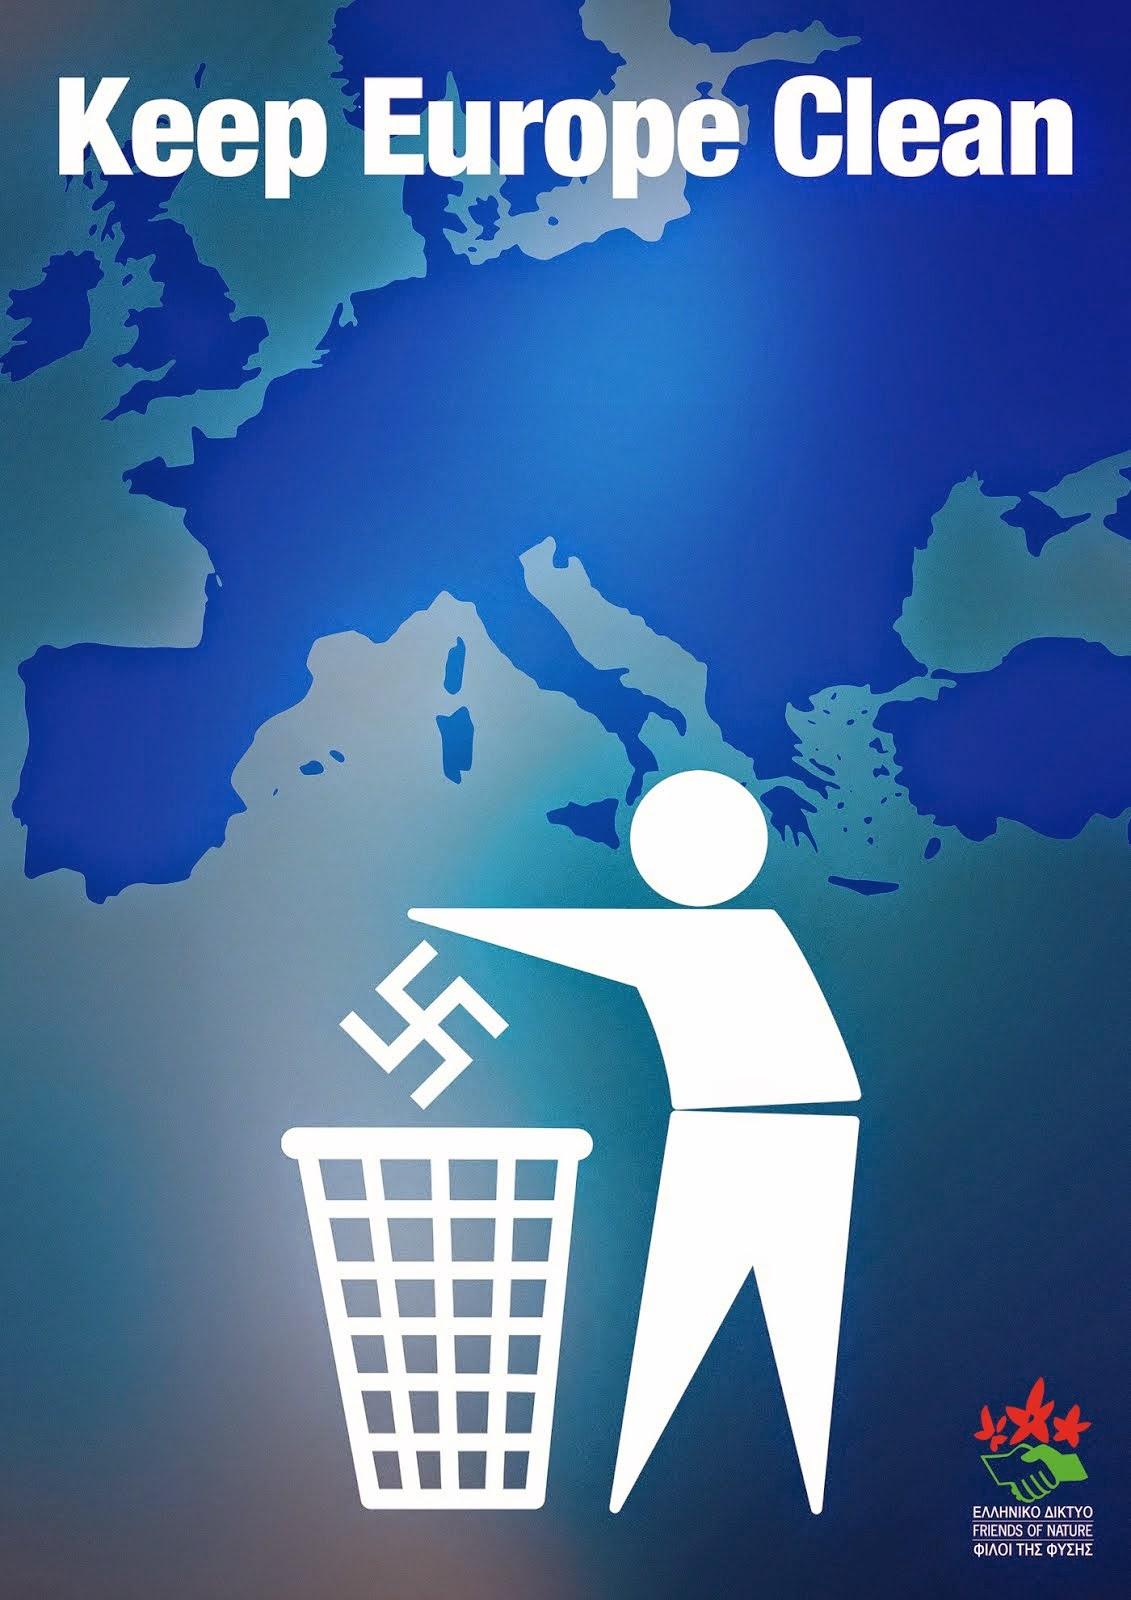 Να διατηρήσουμε την Ευρώπη καθαρή